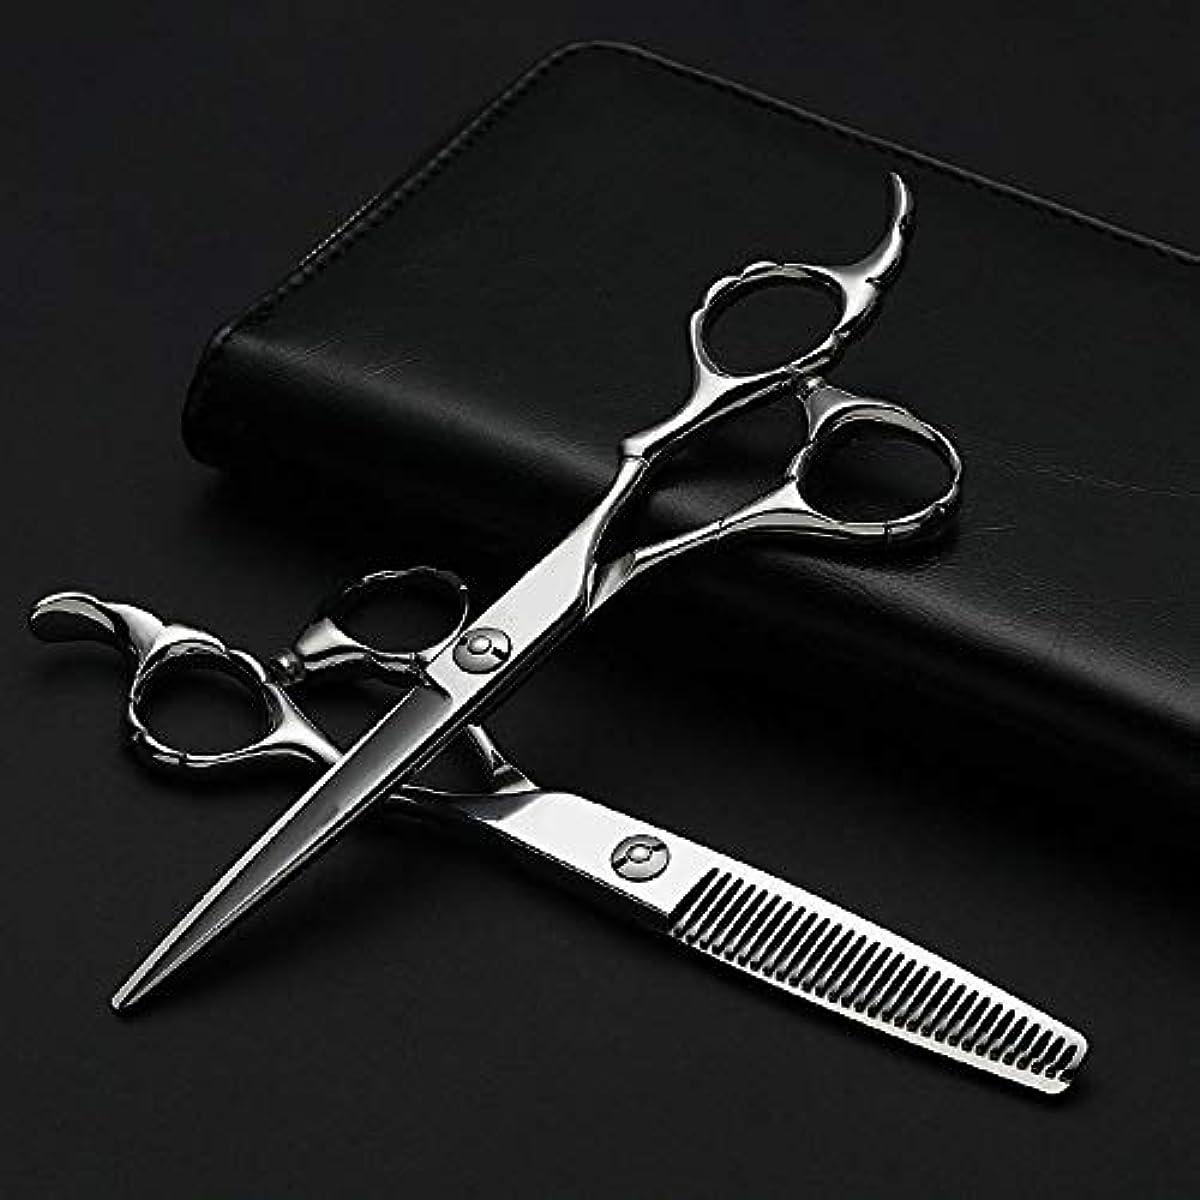 マキシム法廷テープ理髪用はさみ プロの理髪セット、フラット+歯はさみ薄い竹ハンドルはさみ髪切断鋏ステンレス理髪はさみ (色 : Silver)